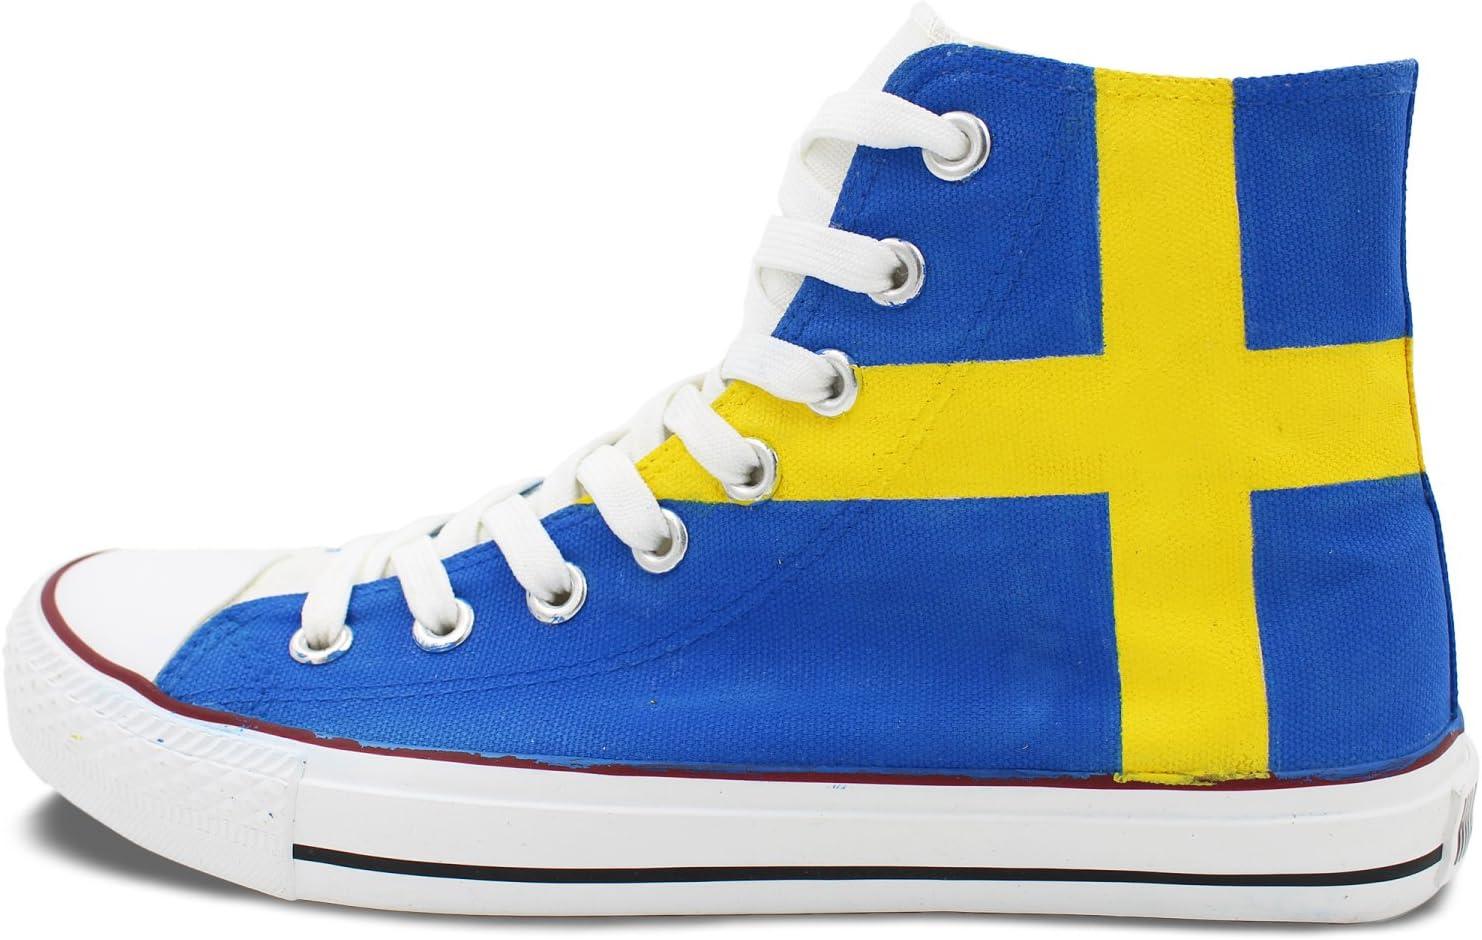 Wen diseño pintado a mano bandera de Suecia Casual zapatos High Top – Zapatillas de lona: Amazon.es: Deportes y aire libre